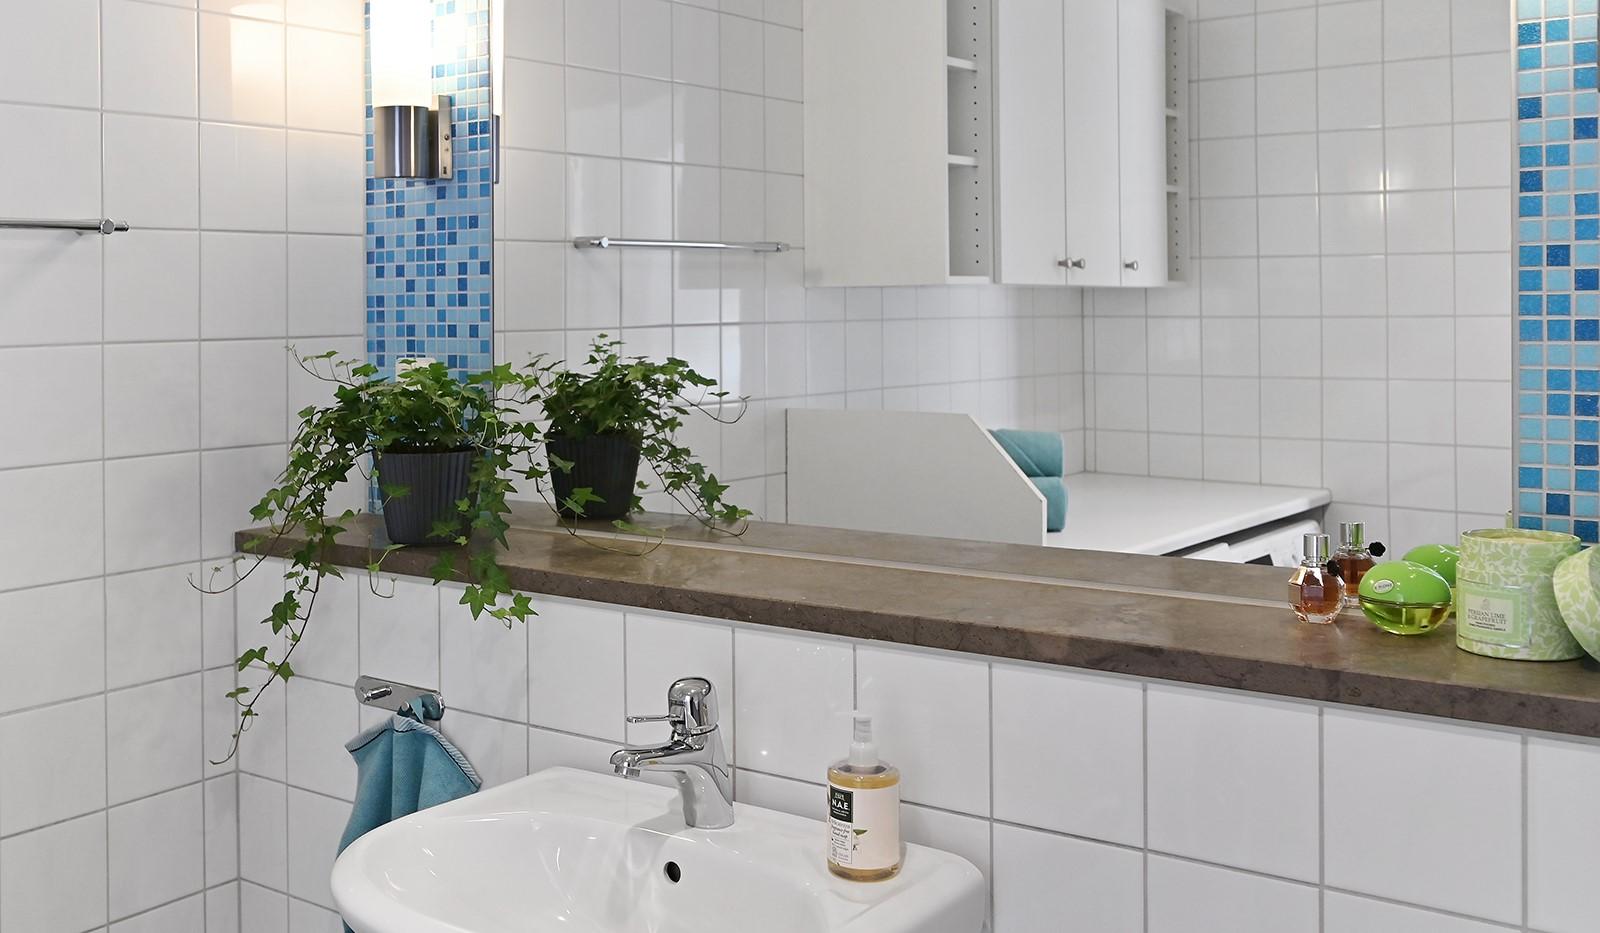 Blekegatan 1, 6 tr - Badrummet är utrustat med stilrena material